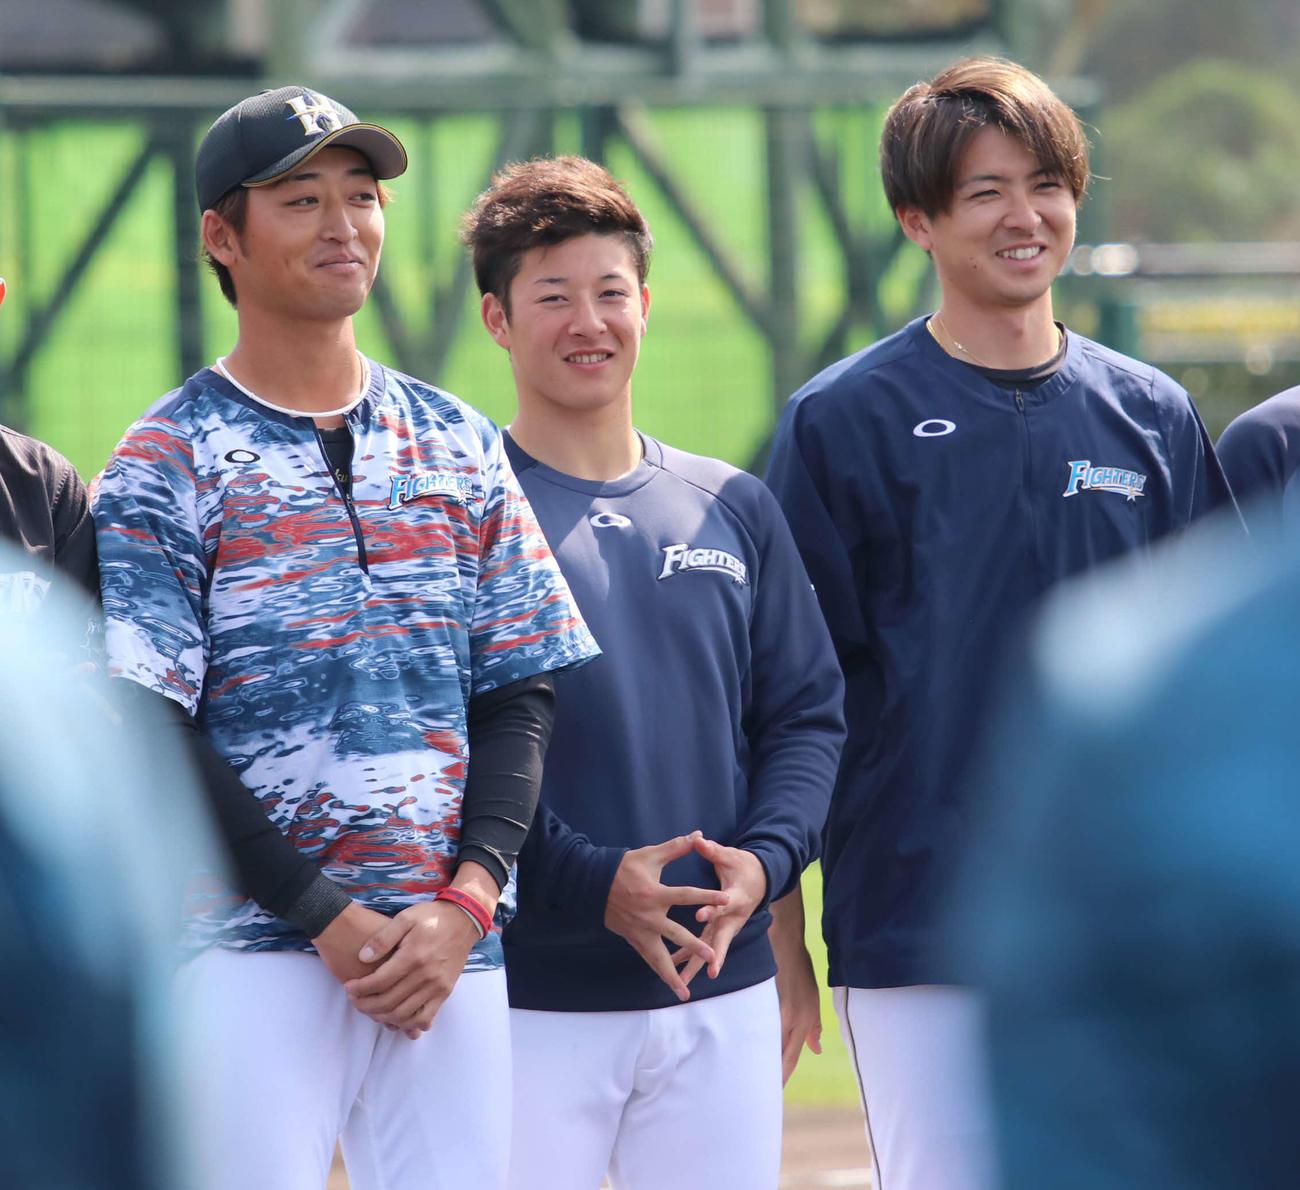 沖縄・国頭での2軍キャンプを打ち上げ、手締めに参加し笑顔を見せる日本ハム吉田輝(中央)。左は白村、右は上沢(撮影・山崎純一)